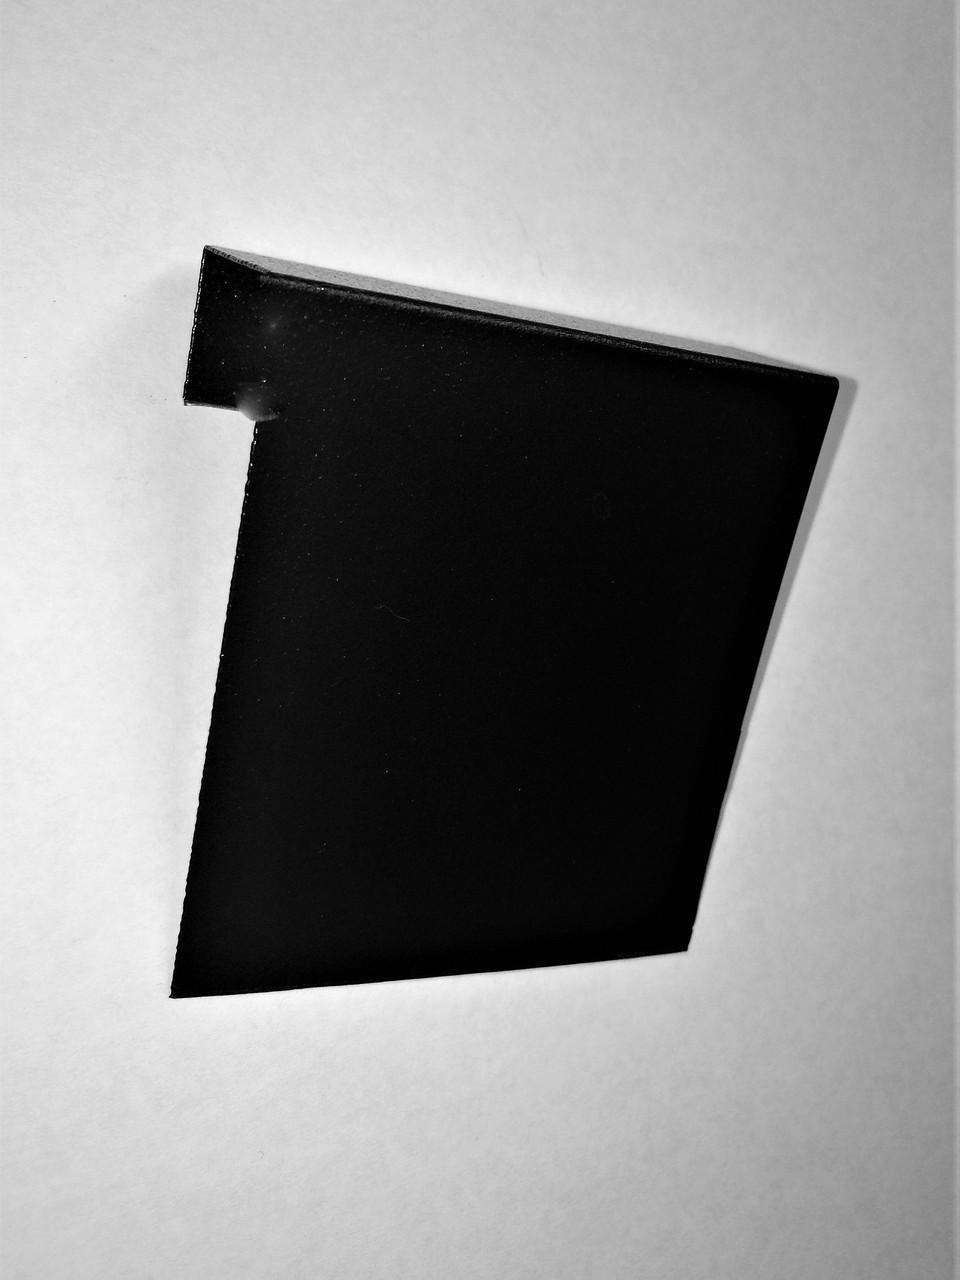 Меловой ценник А8 5х7 см П-образный на полку. Грифельная табличка на стеллаж. Для надписей мелом и маркером.